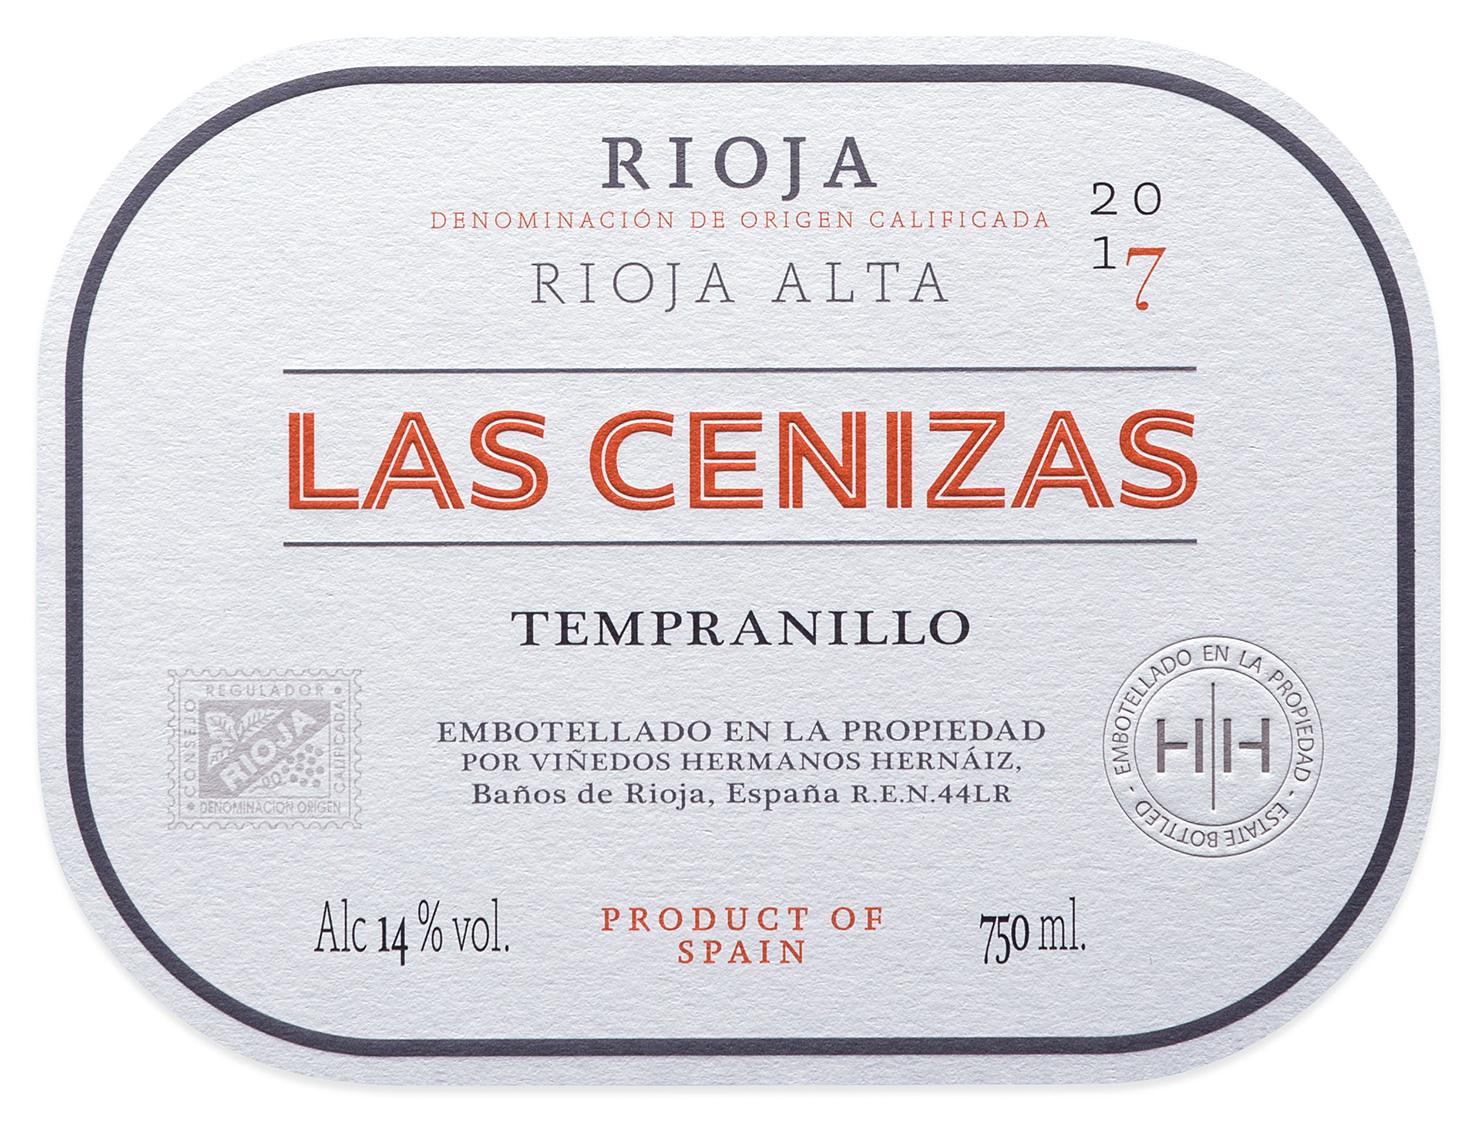 Etiqueta Las Cenizas 2018